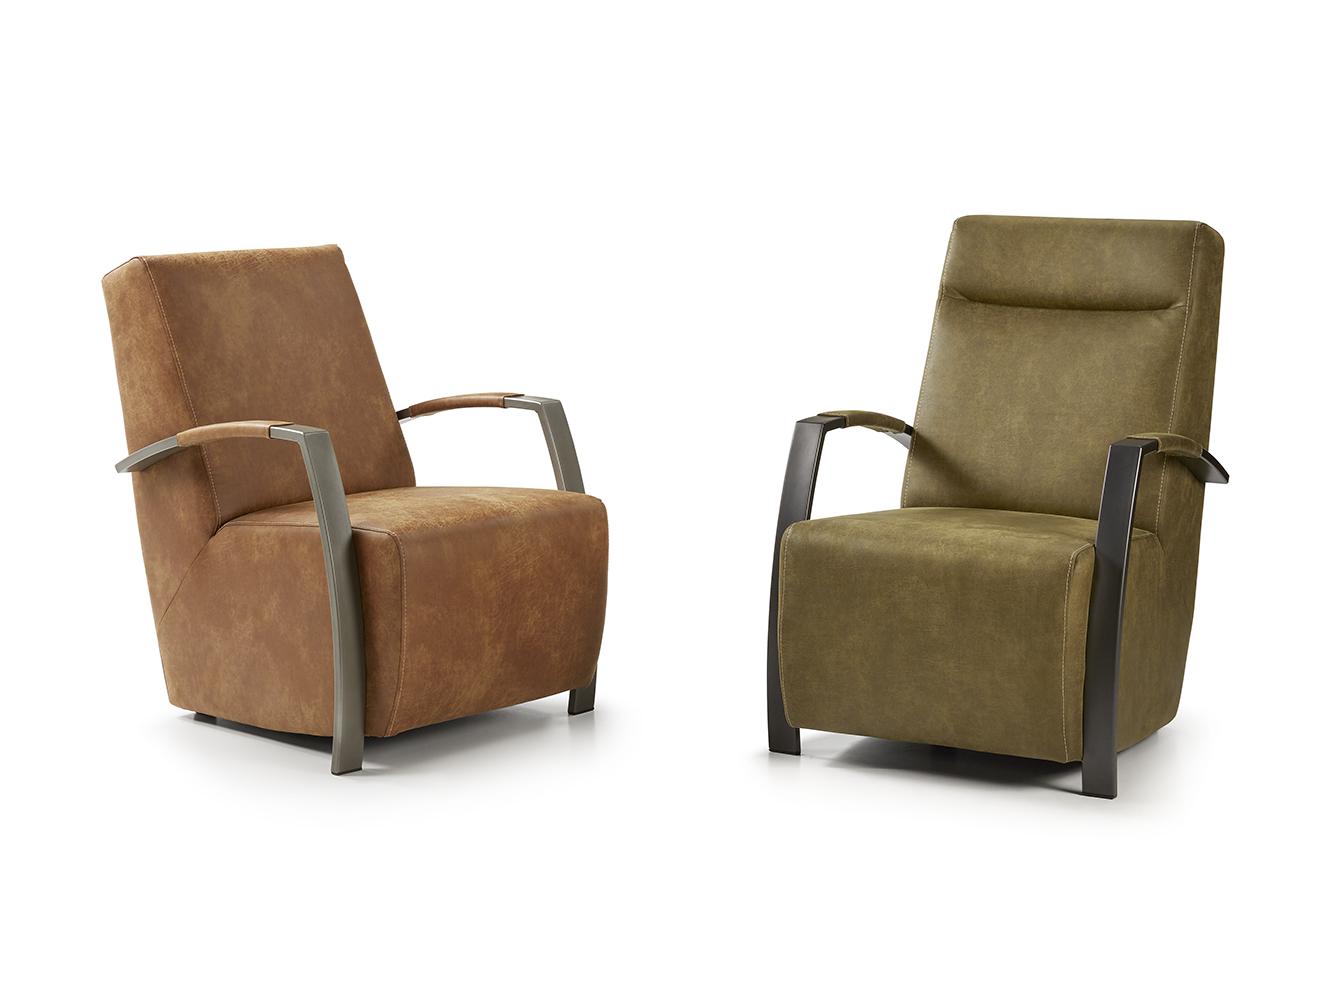 Heerlijk Zittende Fauteuil.Sit Design Fauteuil Cuba Meertens Meubelen